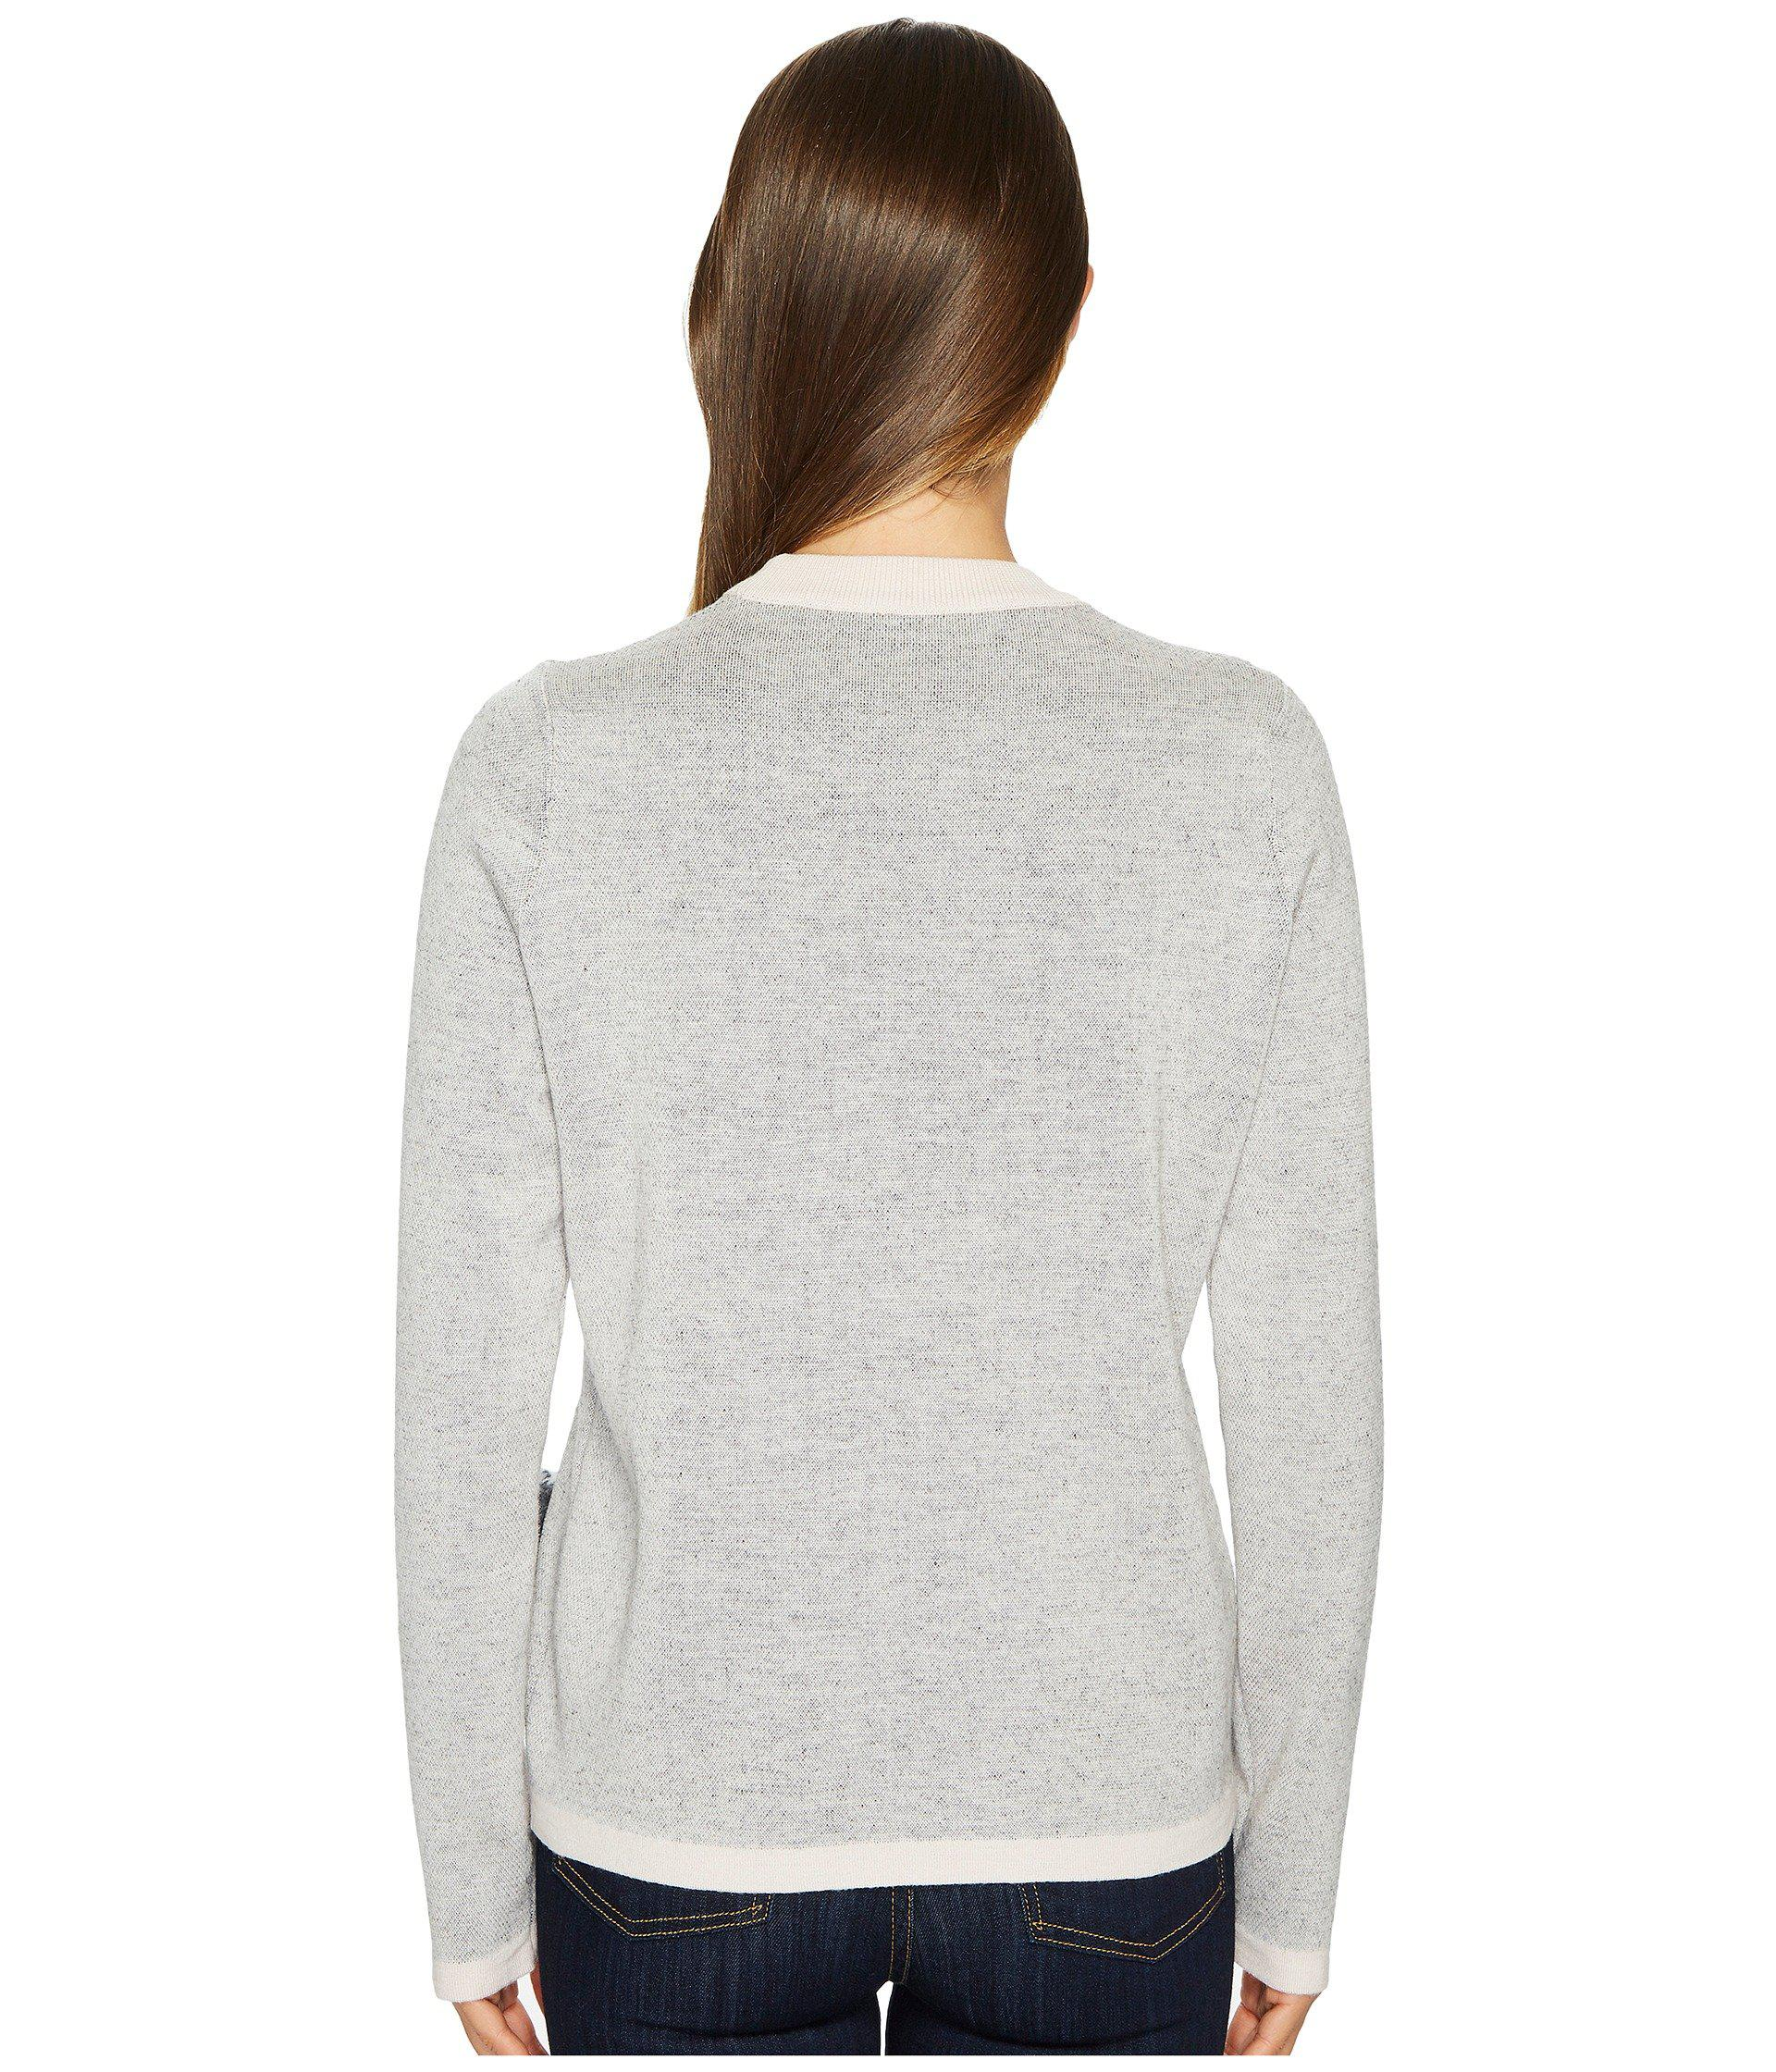 NEW Kate /& Mallory® Fine Gauge Knit Drop Shoulder Color Block Hi-Lo Sweater M 1X